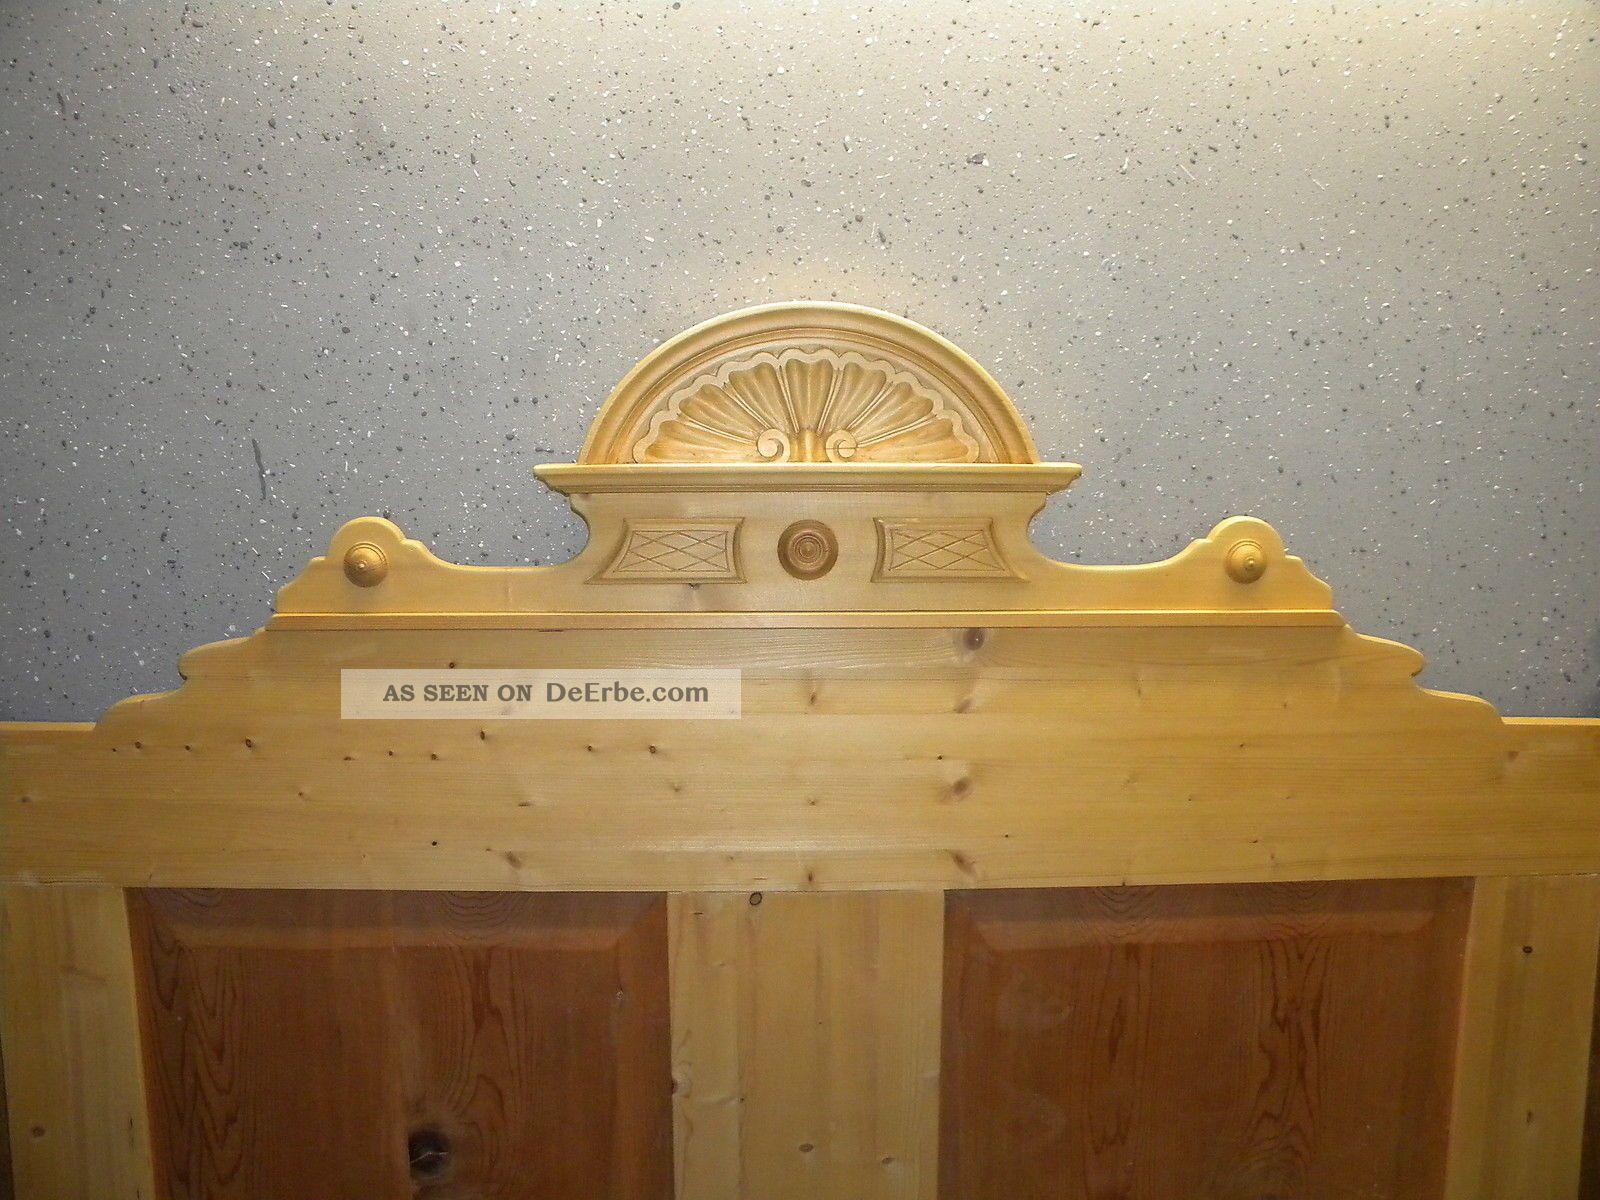 Bett bauernbett bettgestell bett antik 160x200 cm liegefl che - Antike betten ...